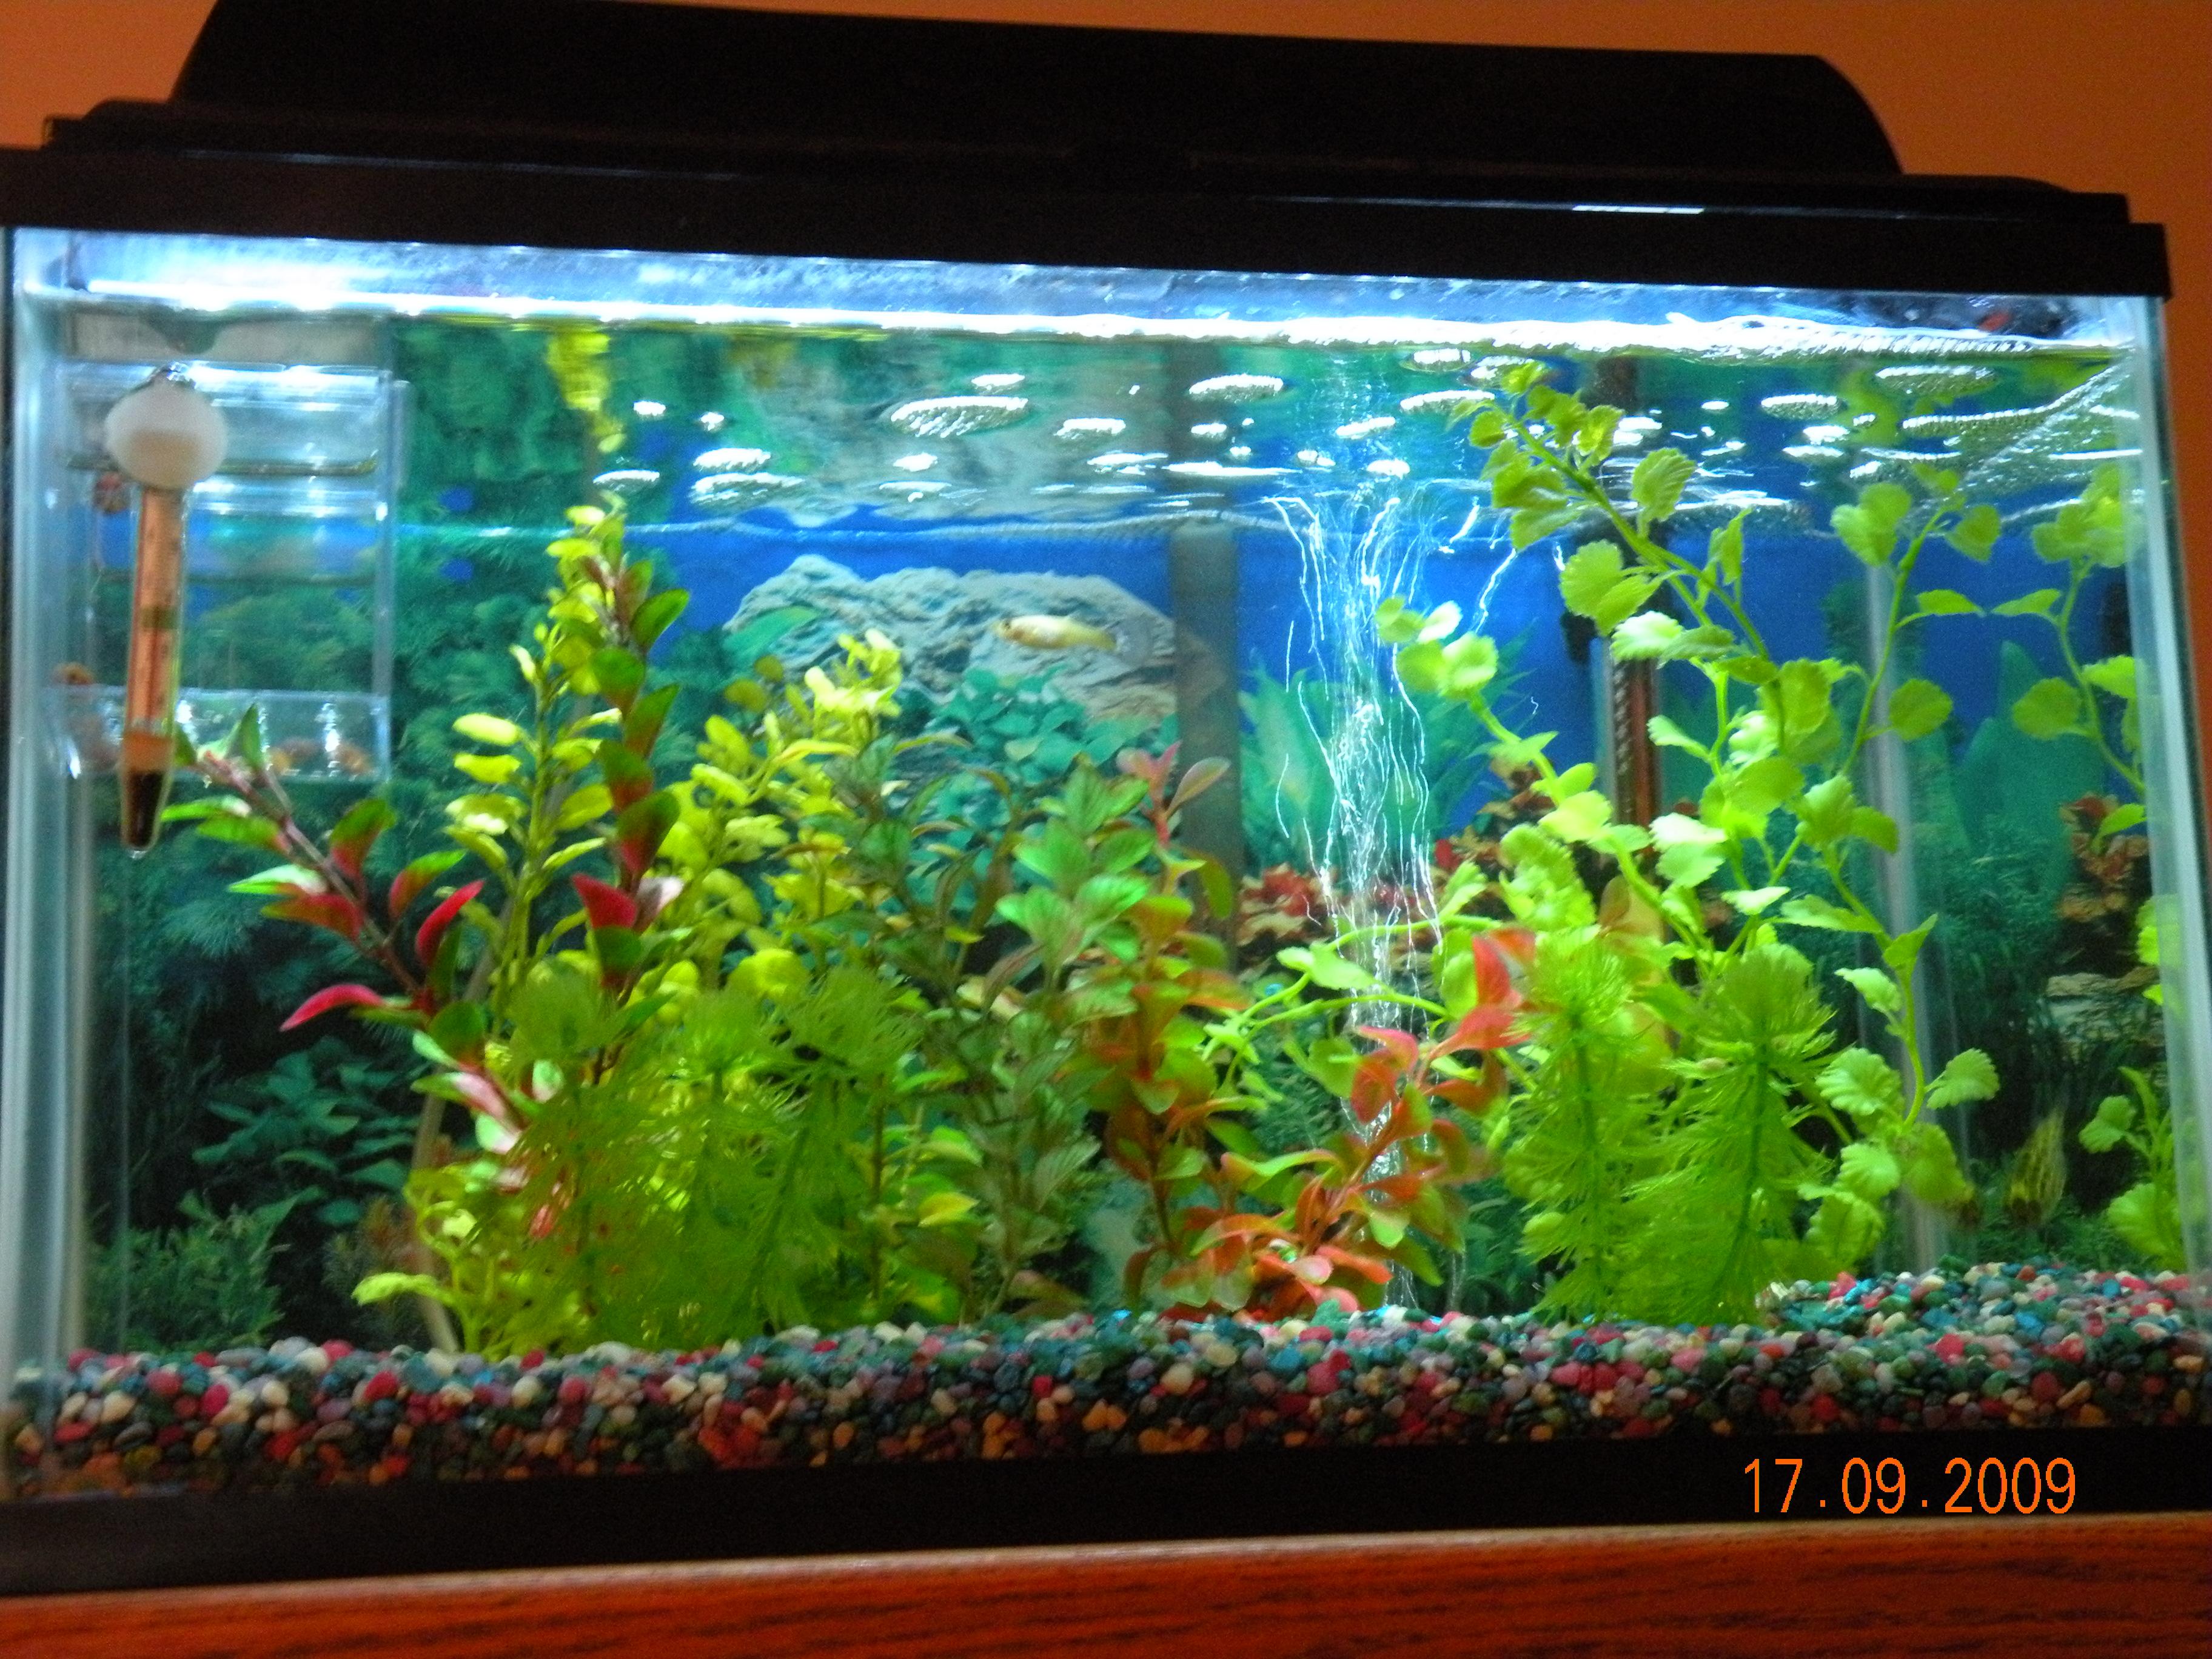 Coolest fish for freshwater aquarium - Led Aquarium Lighting